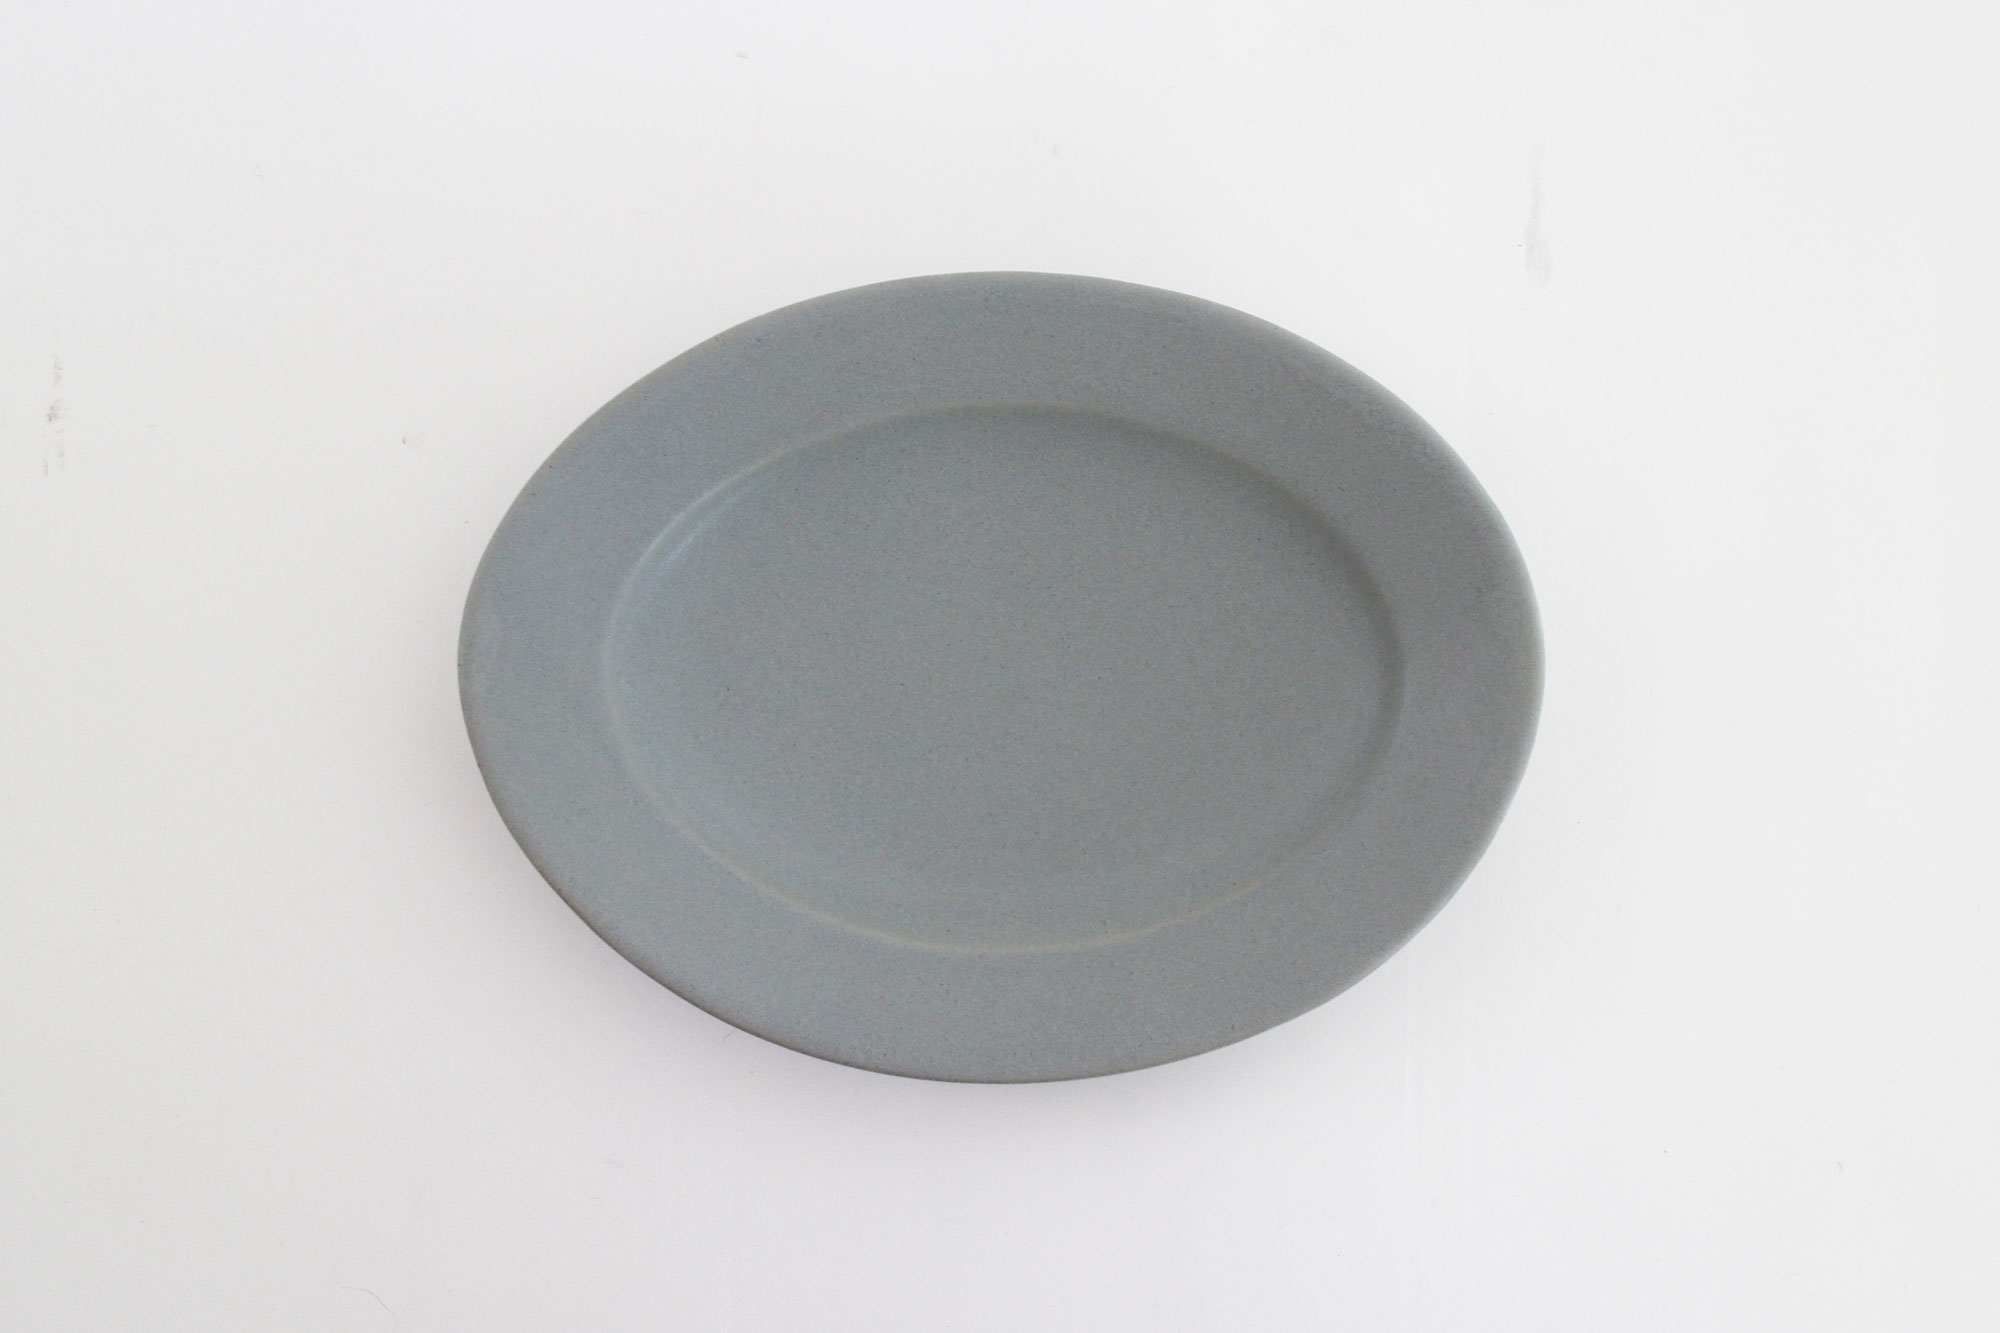 Awabi ware オーバル皿 M